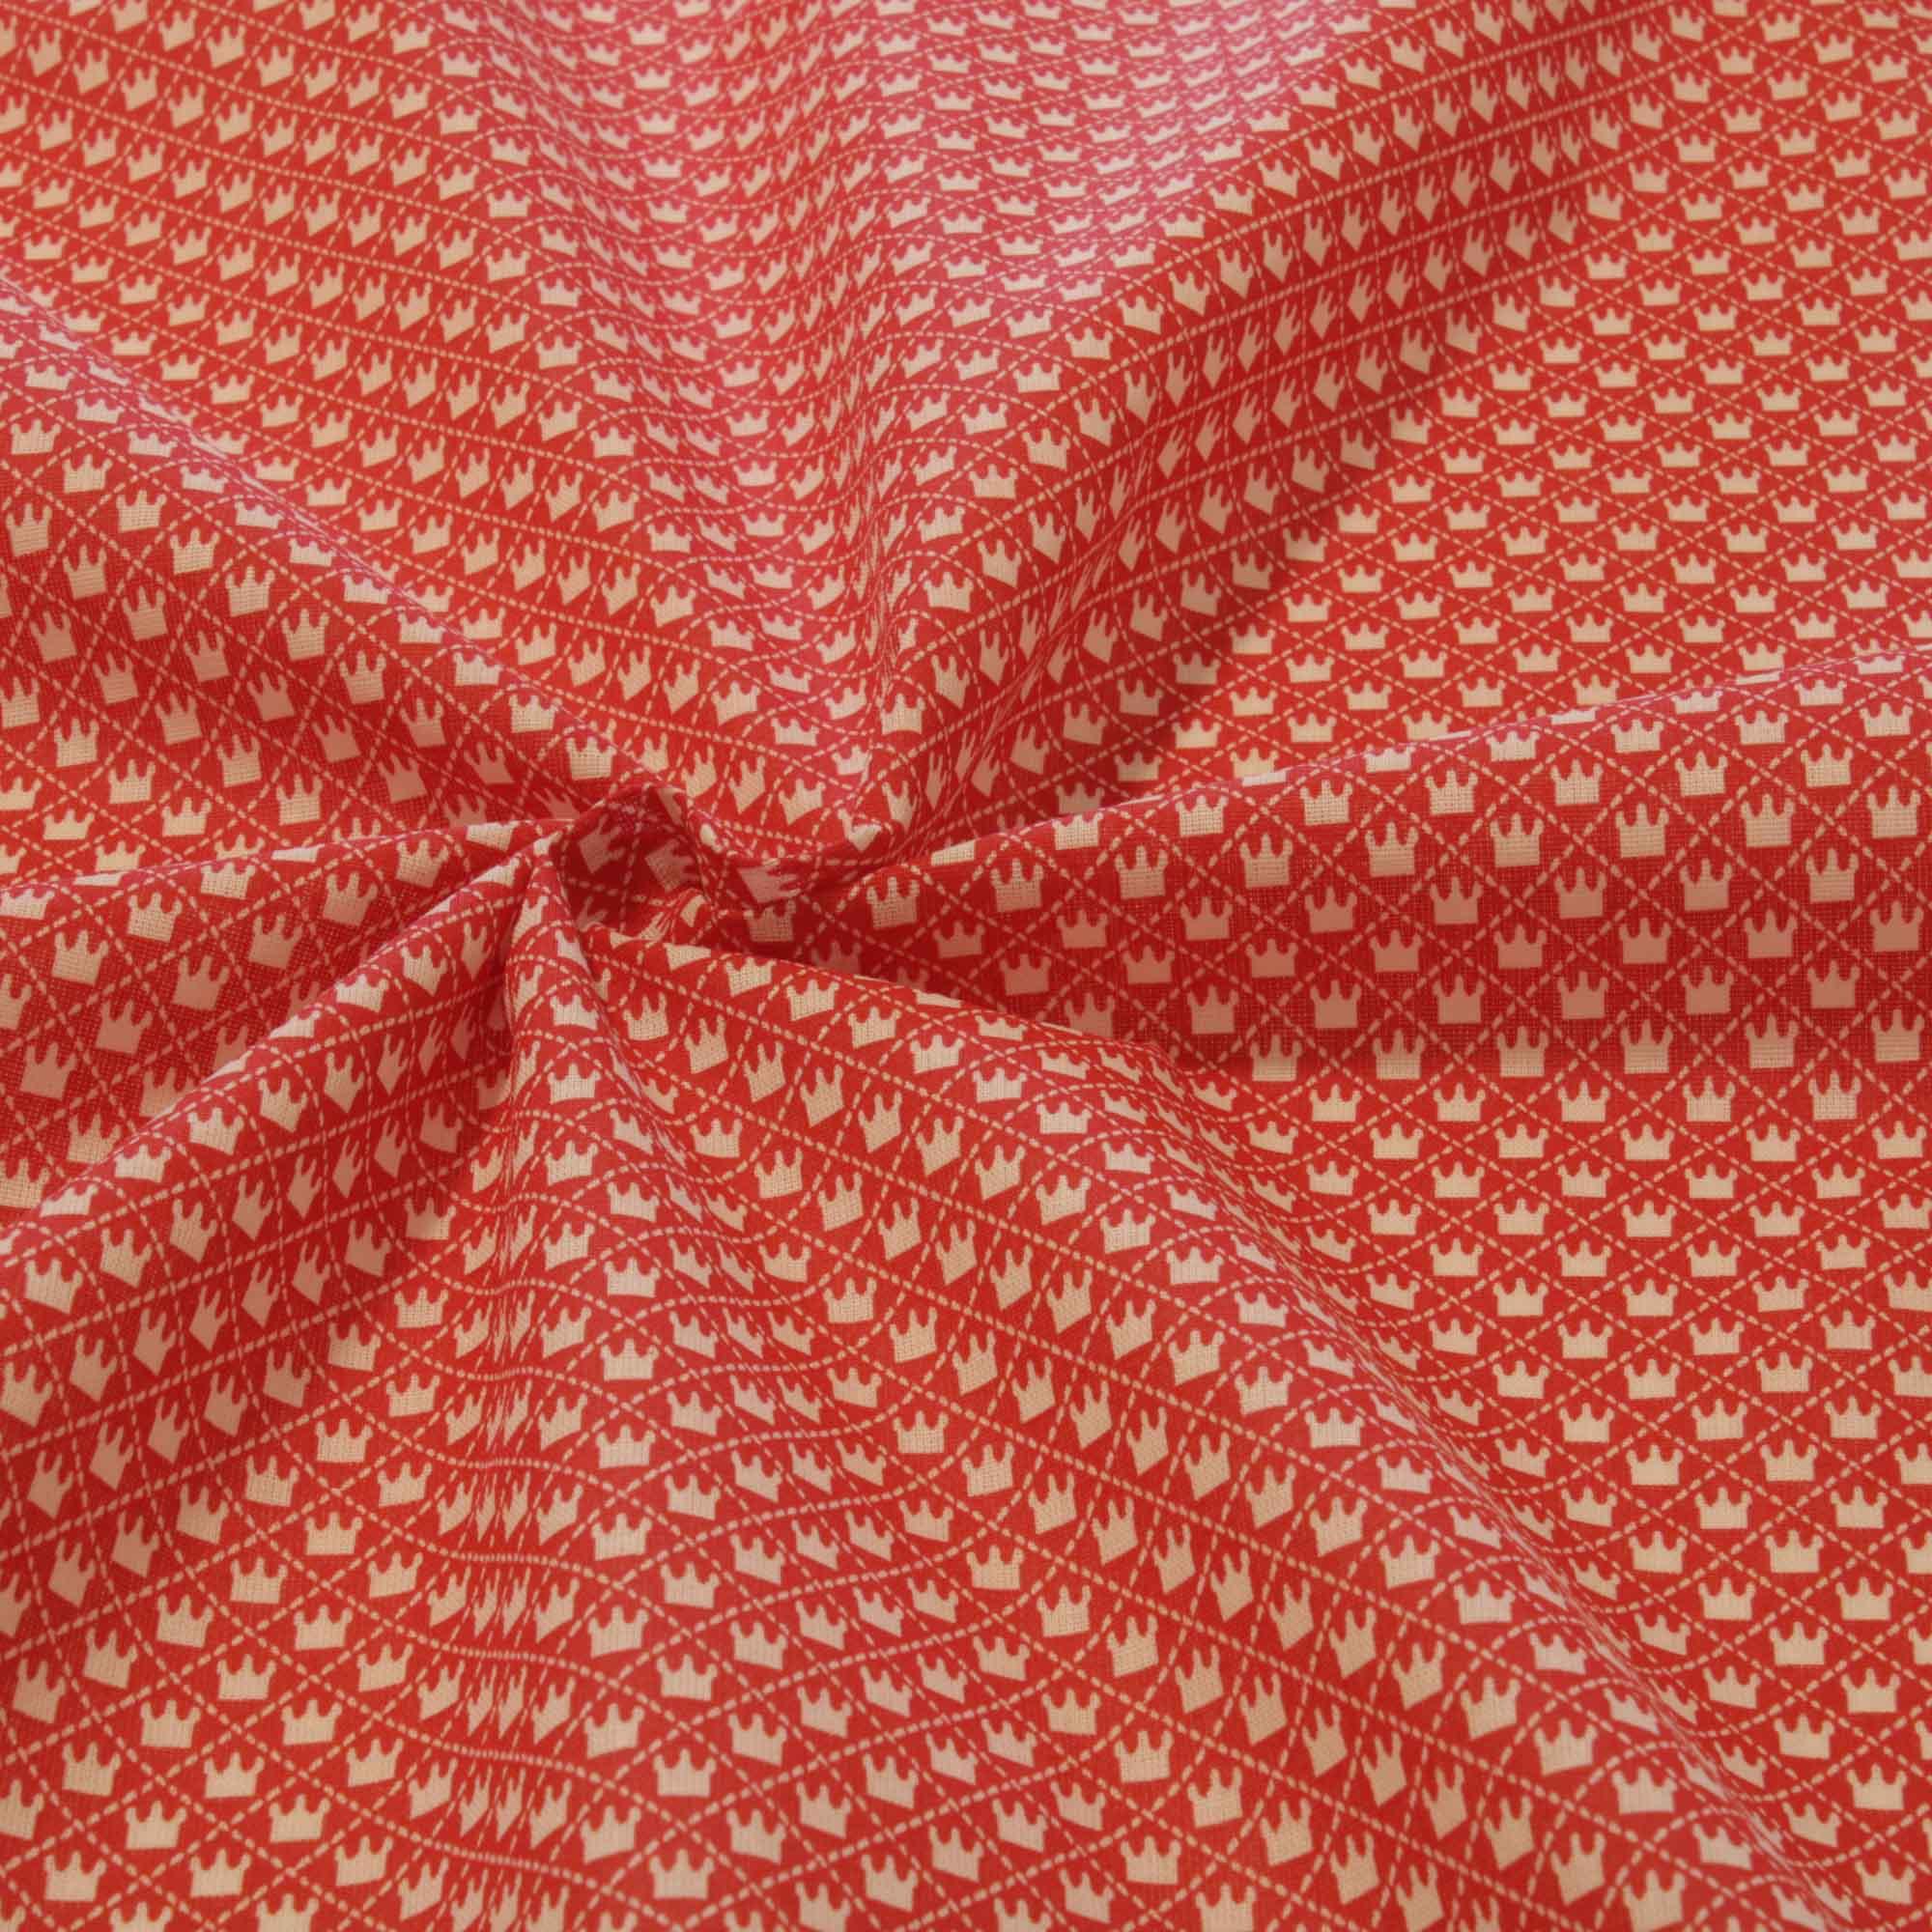 Tecido tricoline estampado coroa 1,40 m largura vermelho